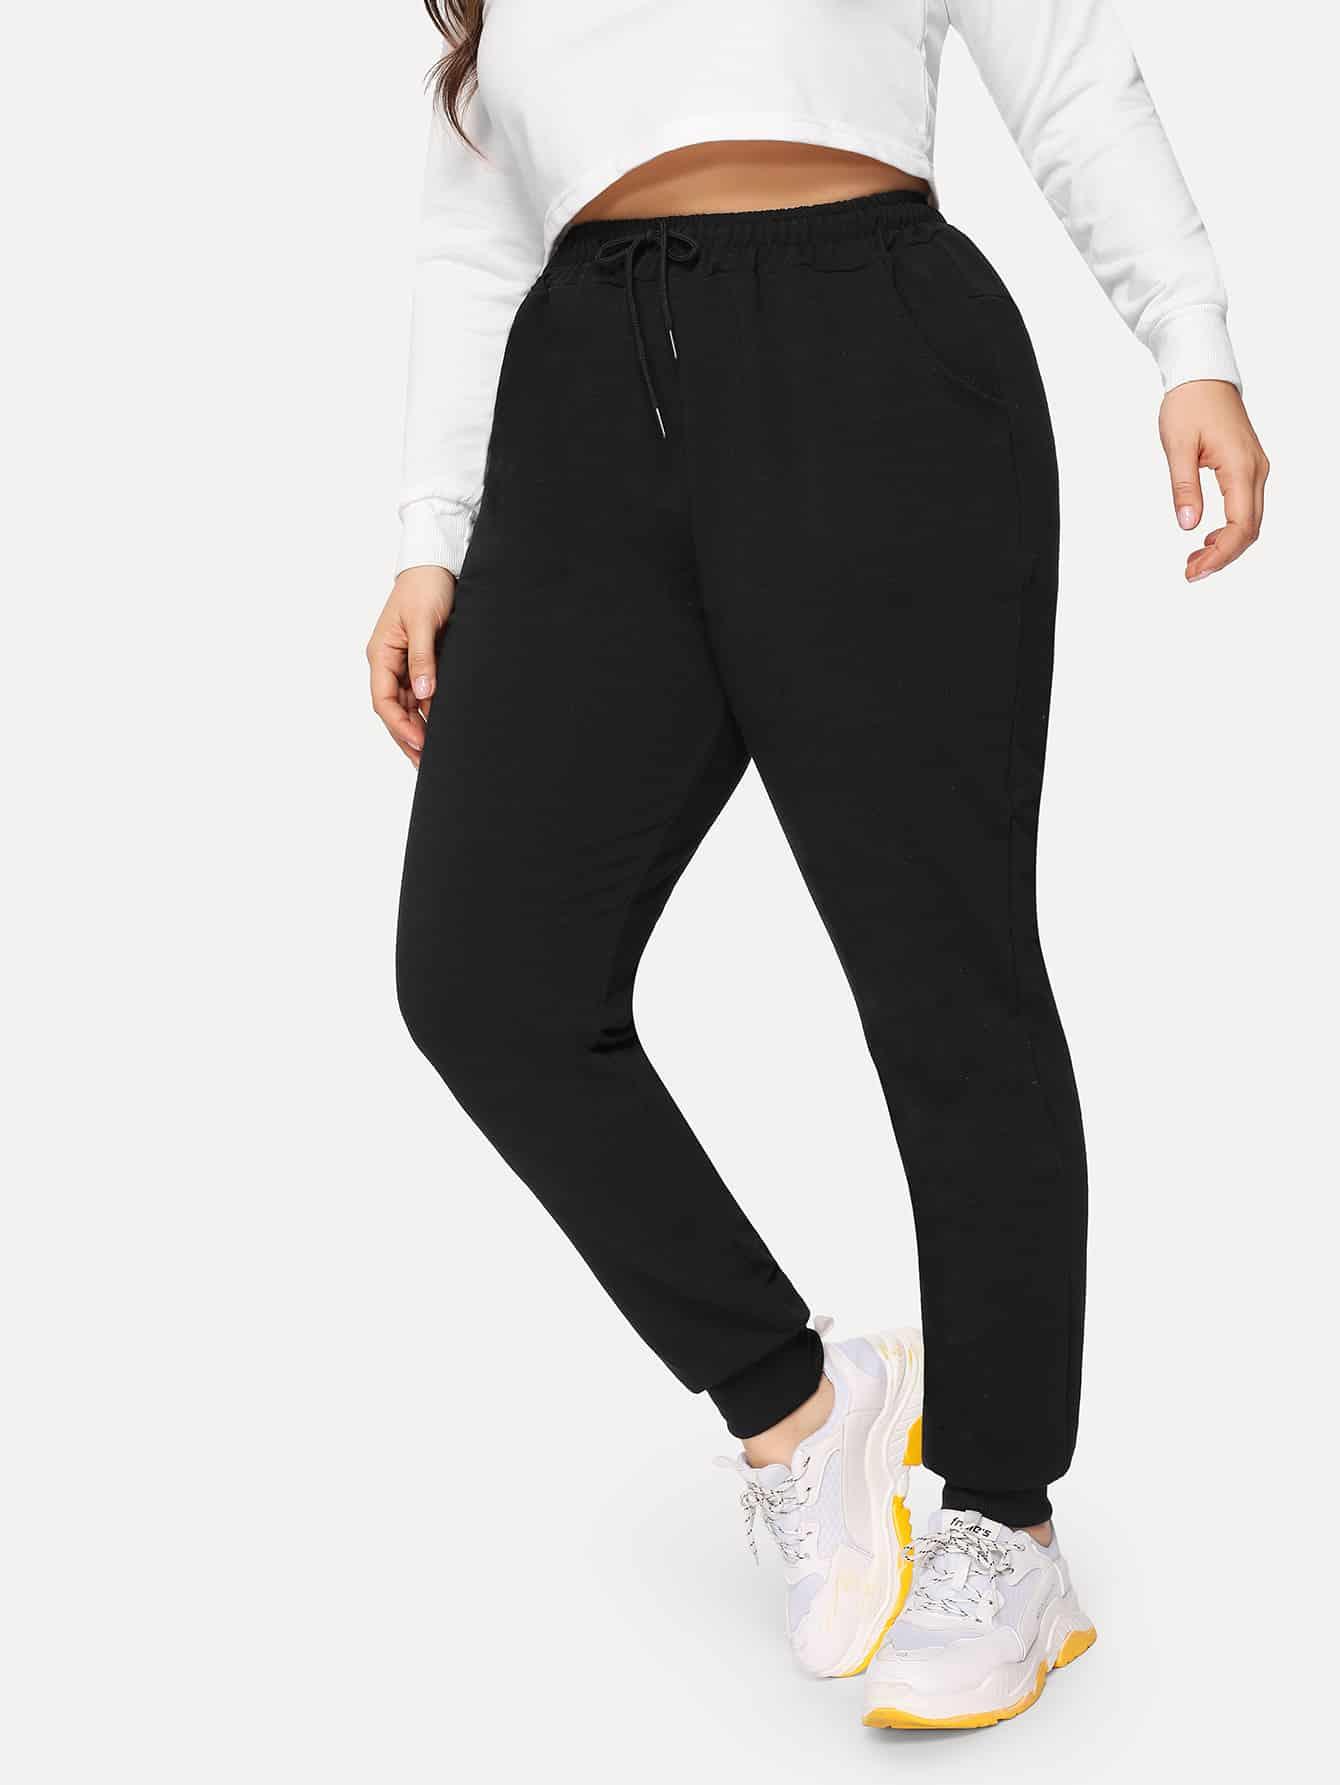 Купить Размера плюс однотонные спортивные брюки с кулиской на талии, Franziska, SheIn